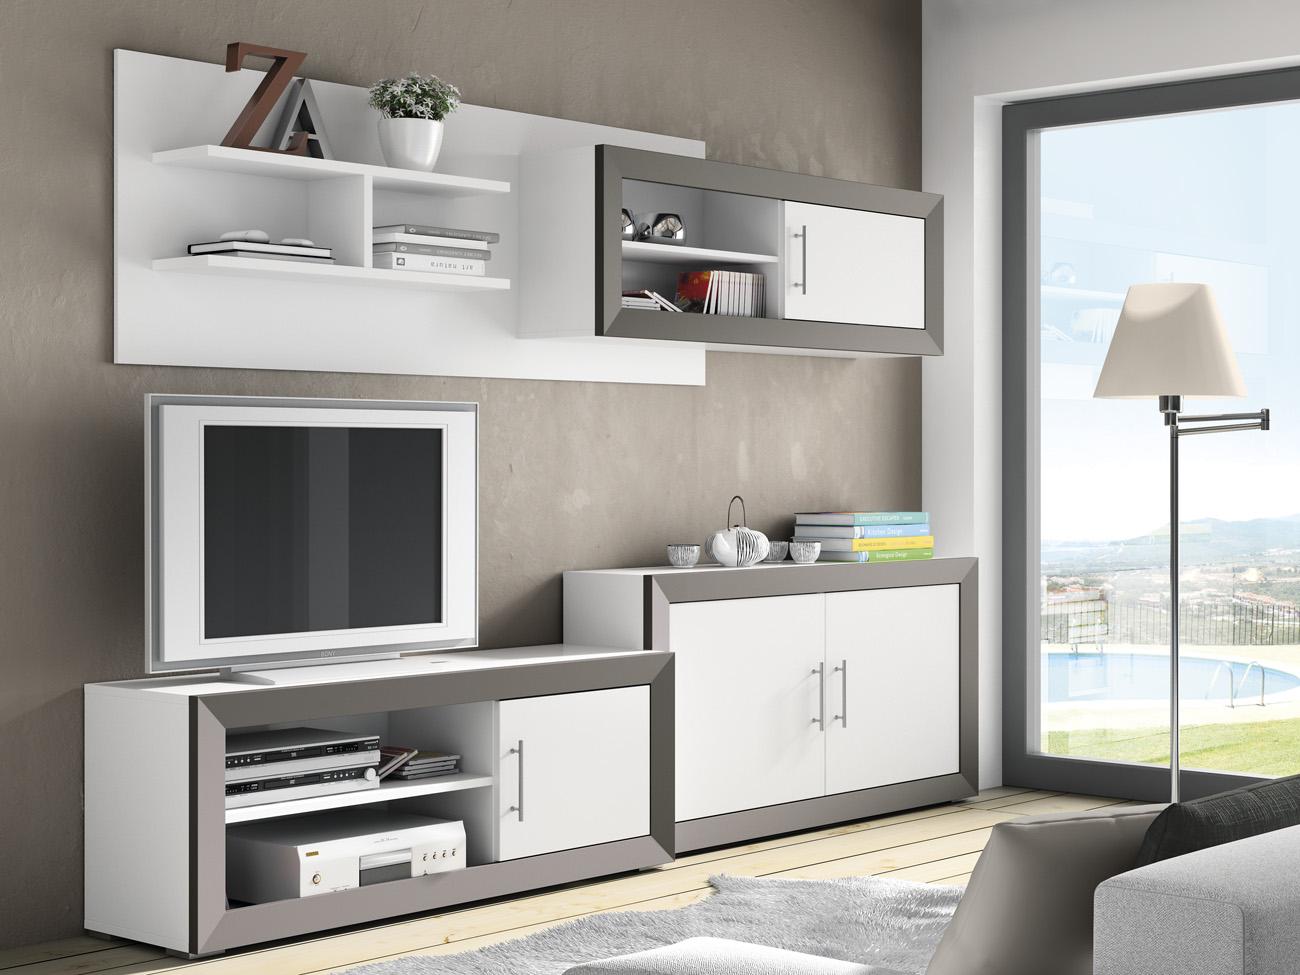 Comedores modernos y baratos muebles dominguez for Muebles comedor baratos online